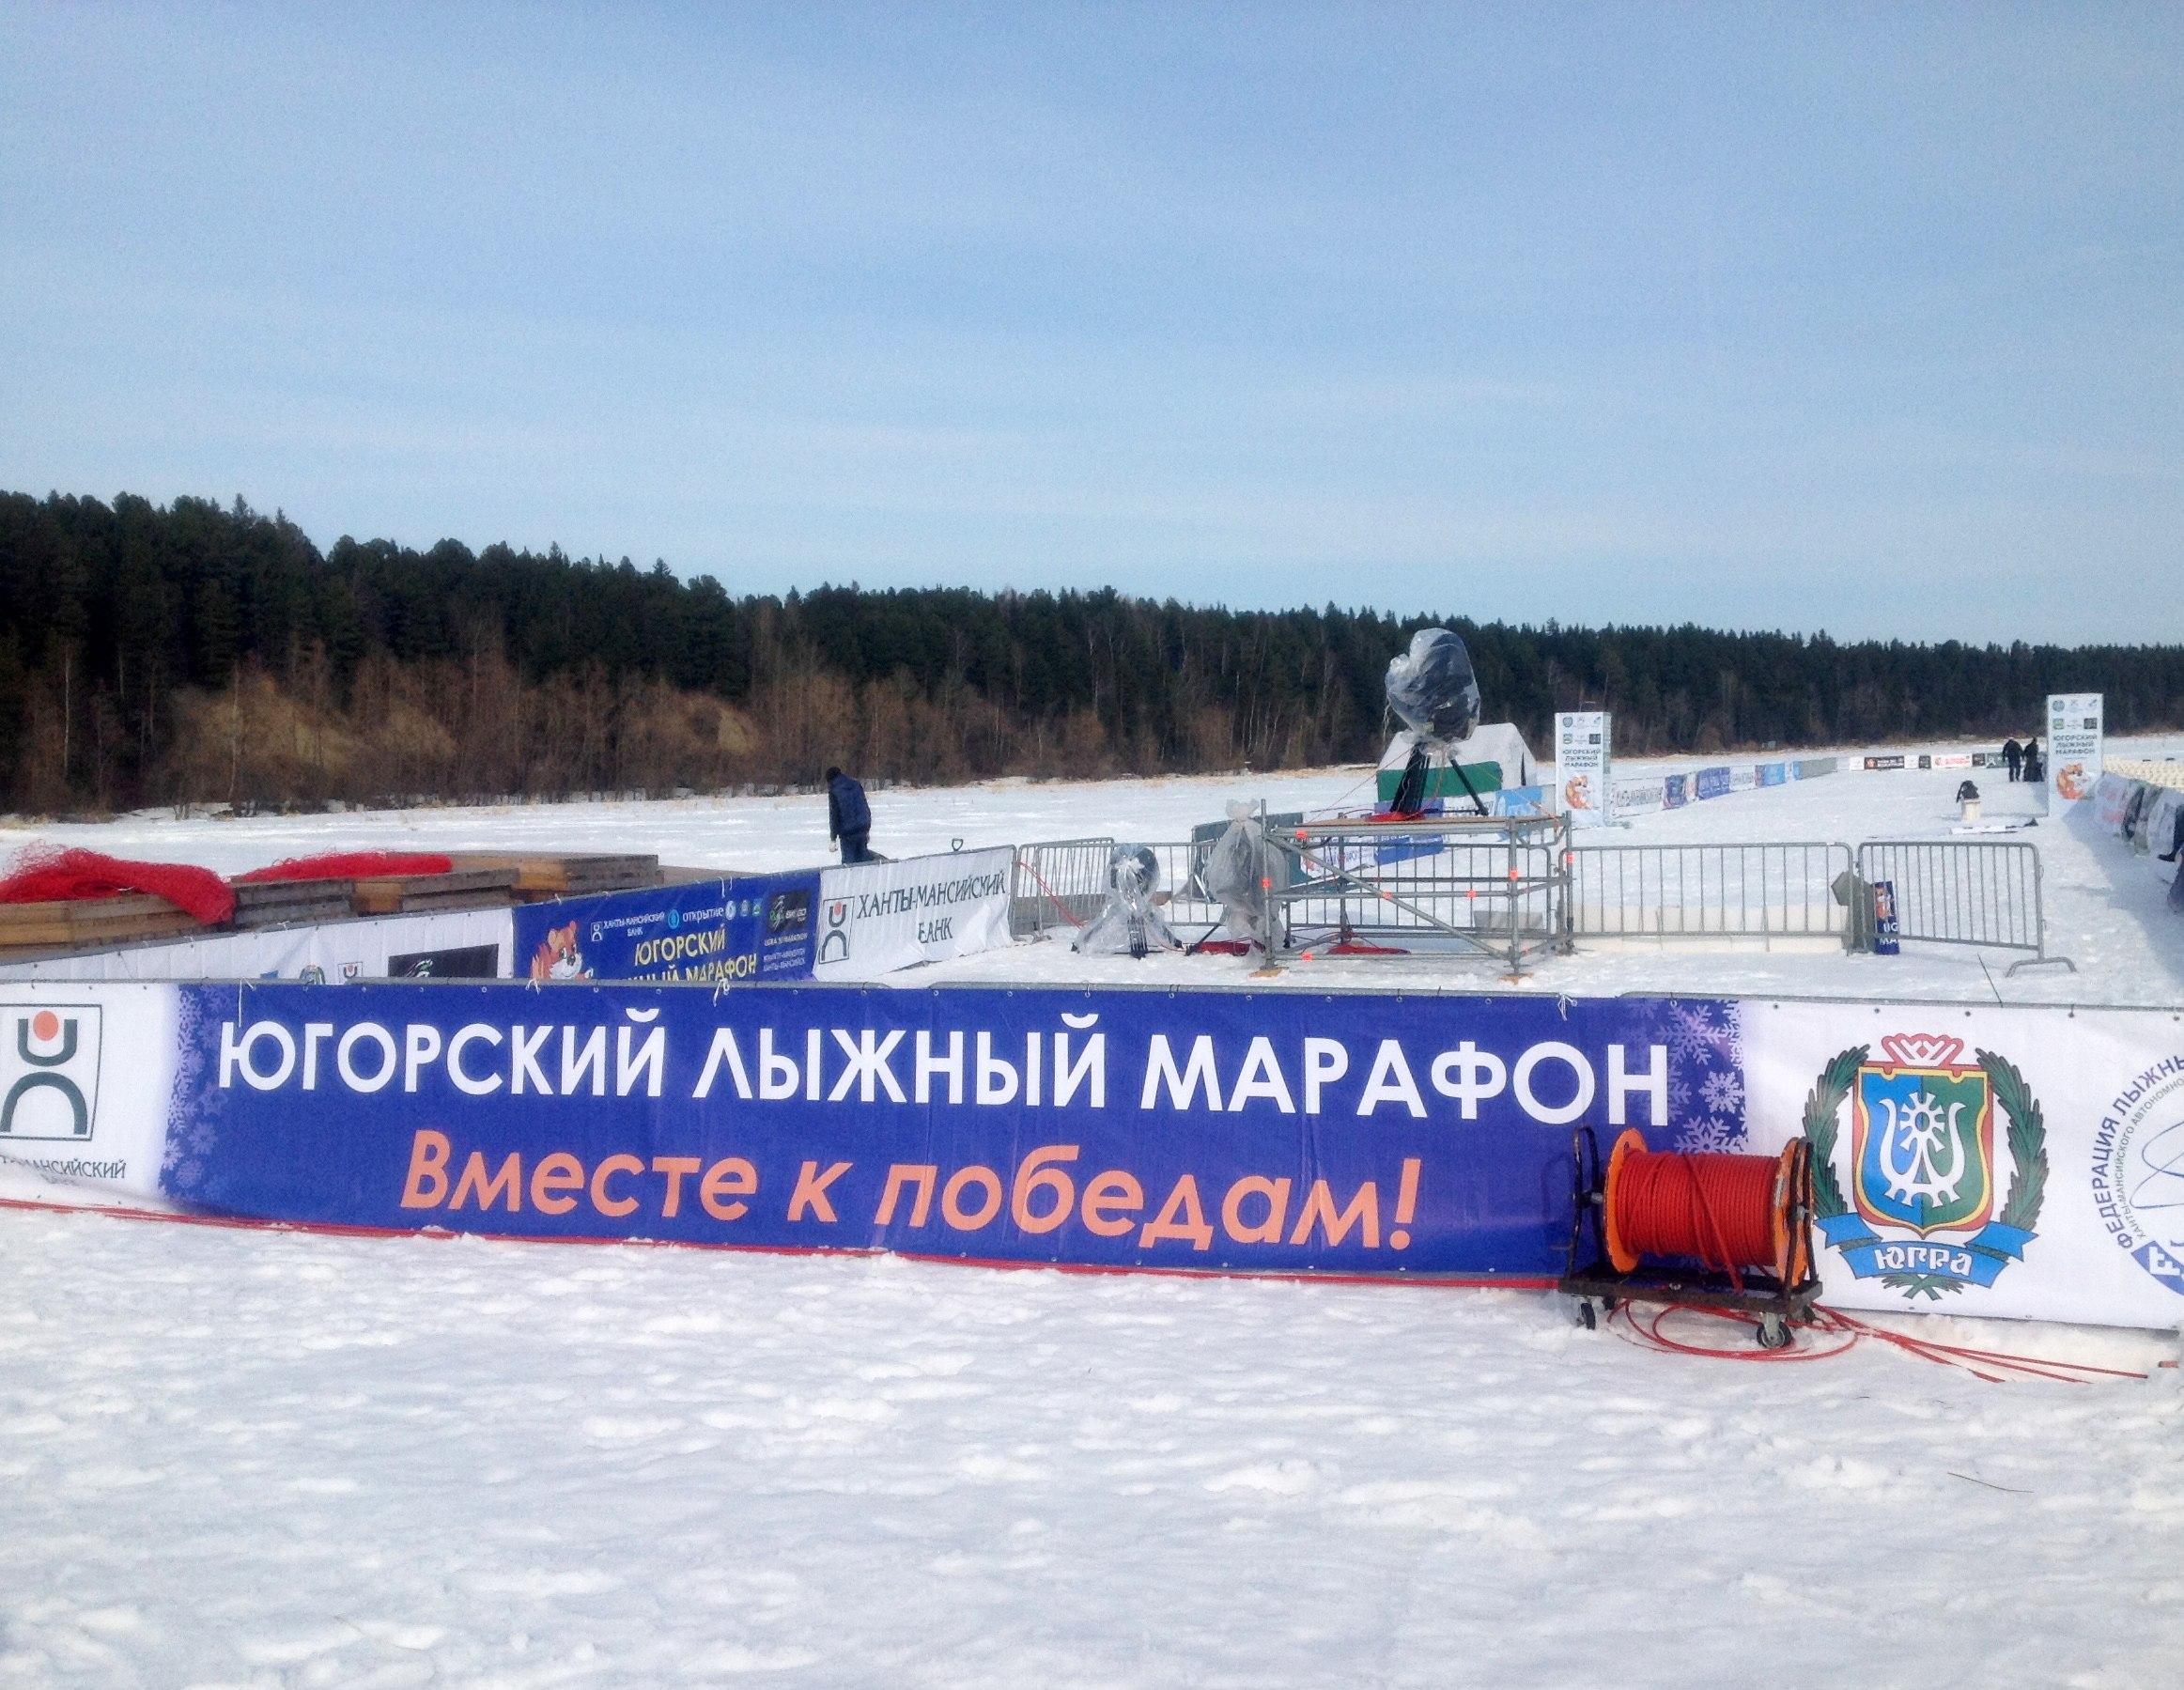 Югорский лыжный марафон 2015 трасса